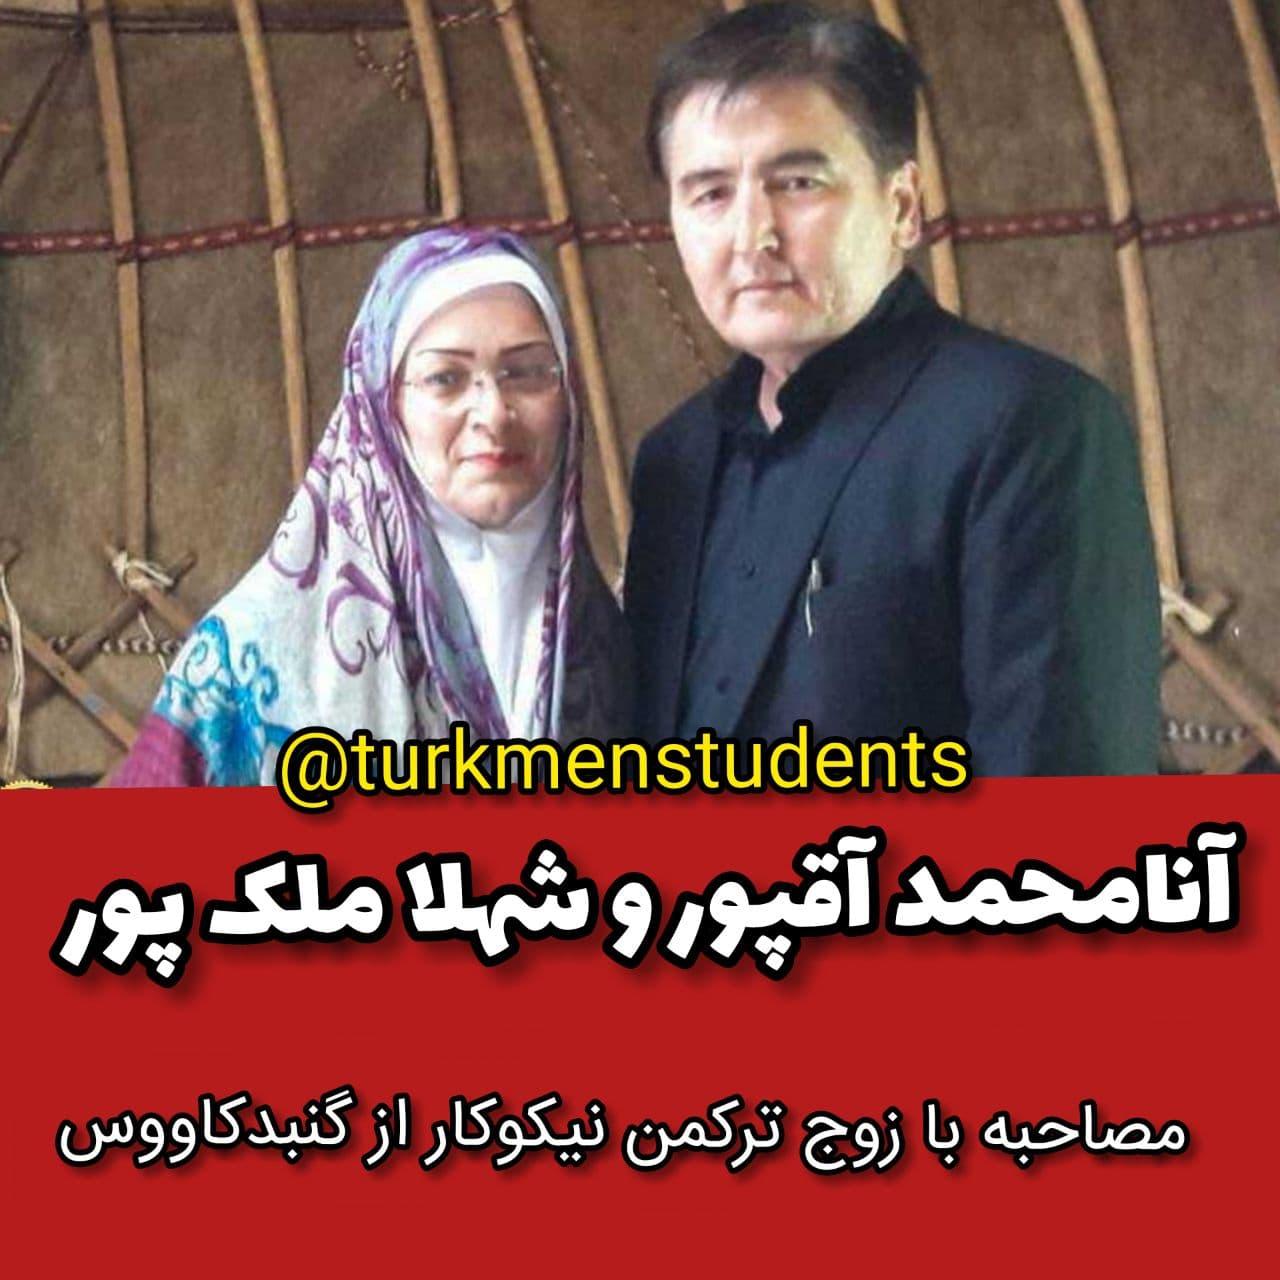 زوج ترکمن نیکوکار